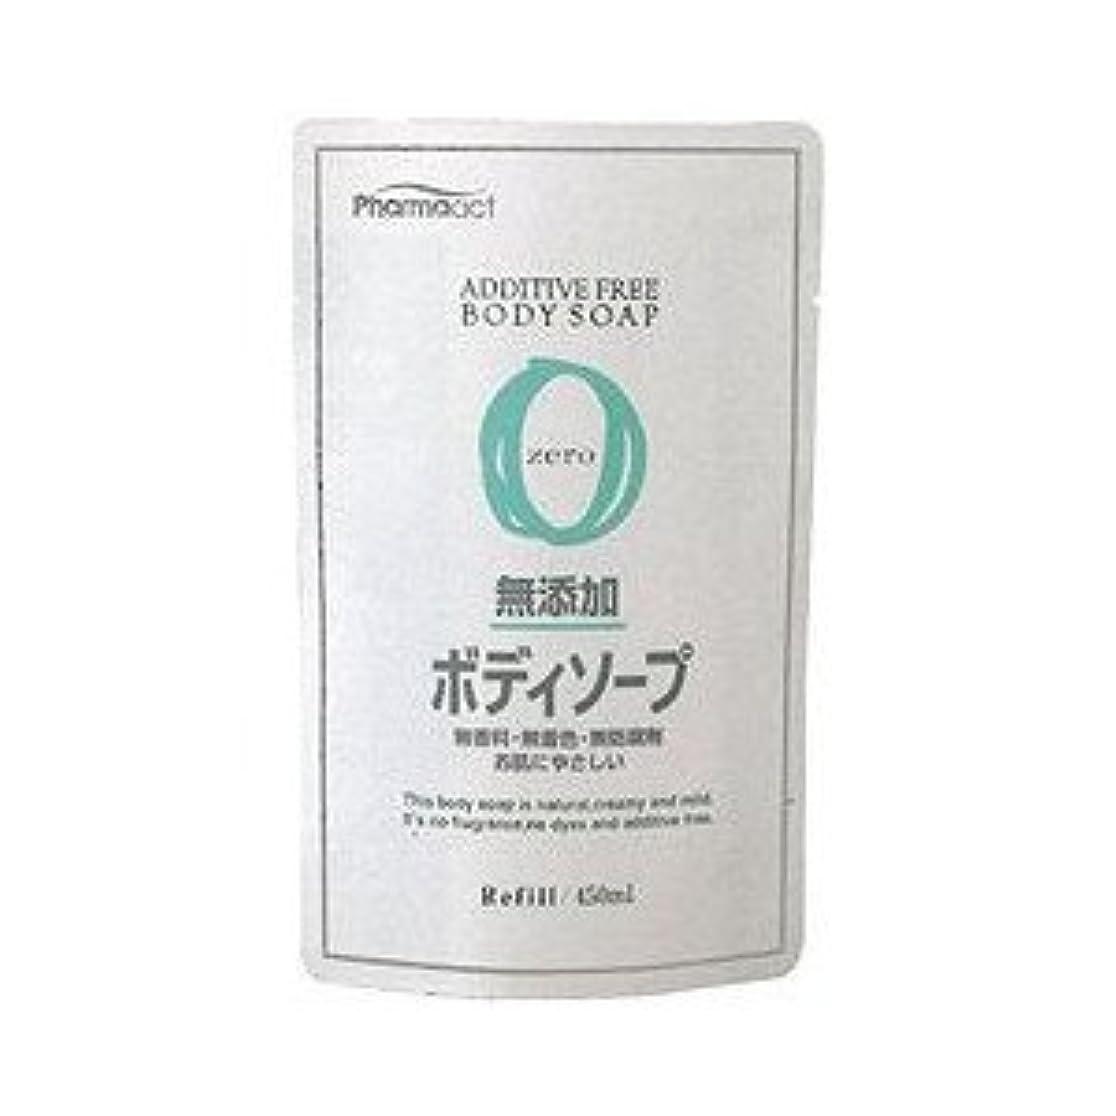 熱だらしないスリチンモイ熊野油脂 ファーマアクト 無添加ボディソープ つめかえ用 450ml×24点セット  香料?着色料?防腐剤は使用しておりません